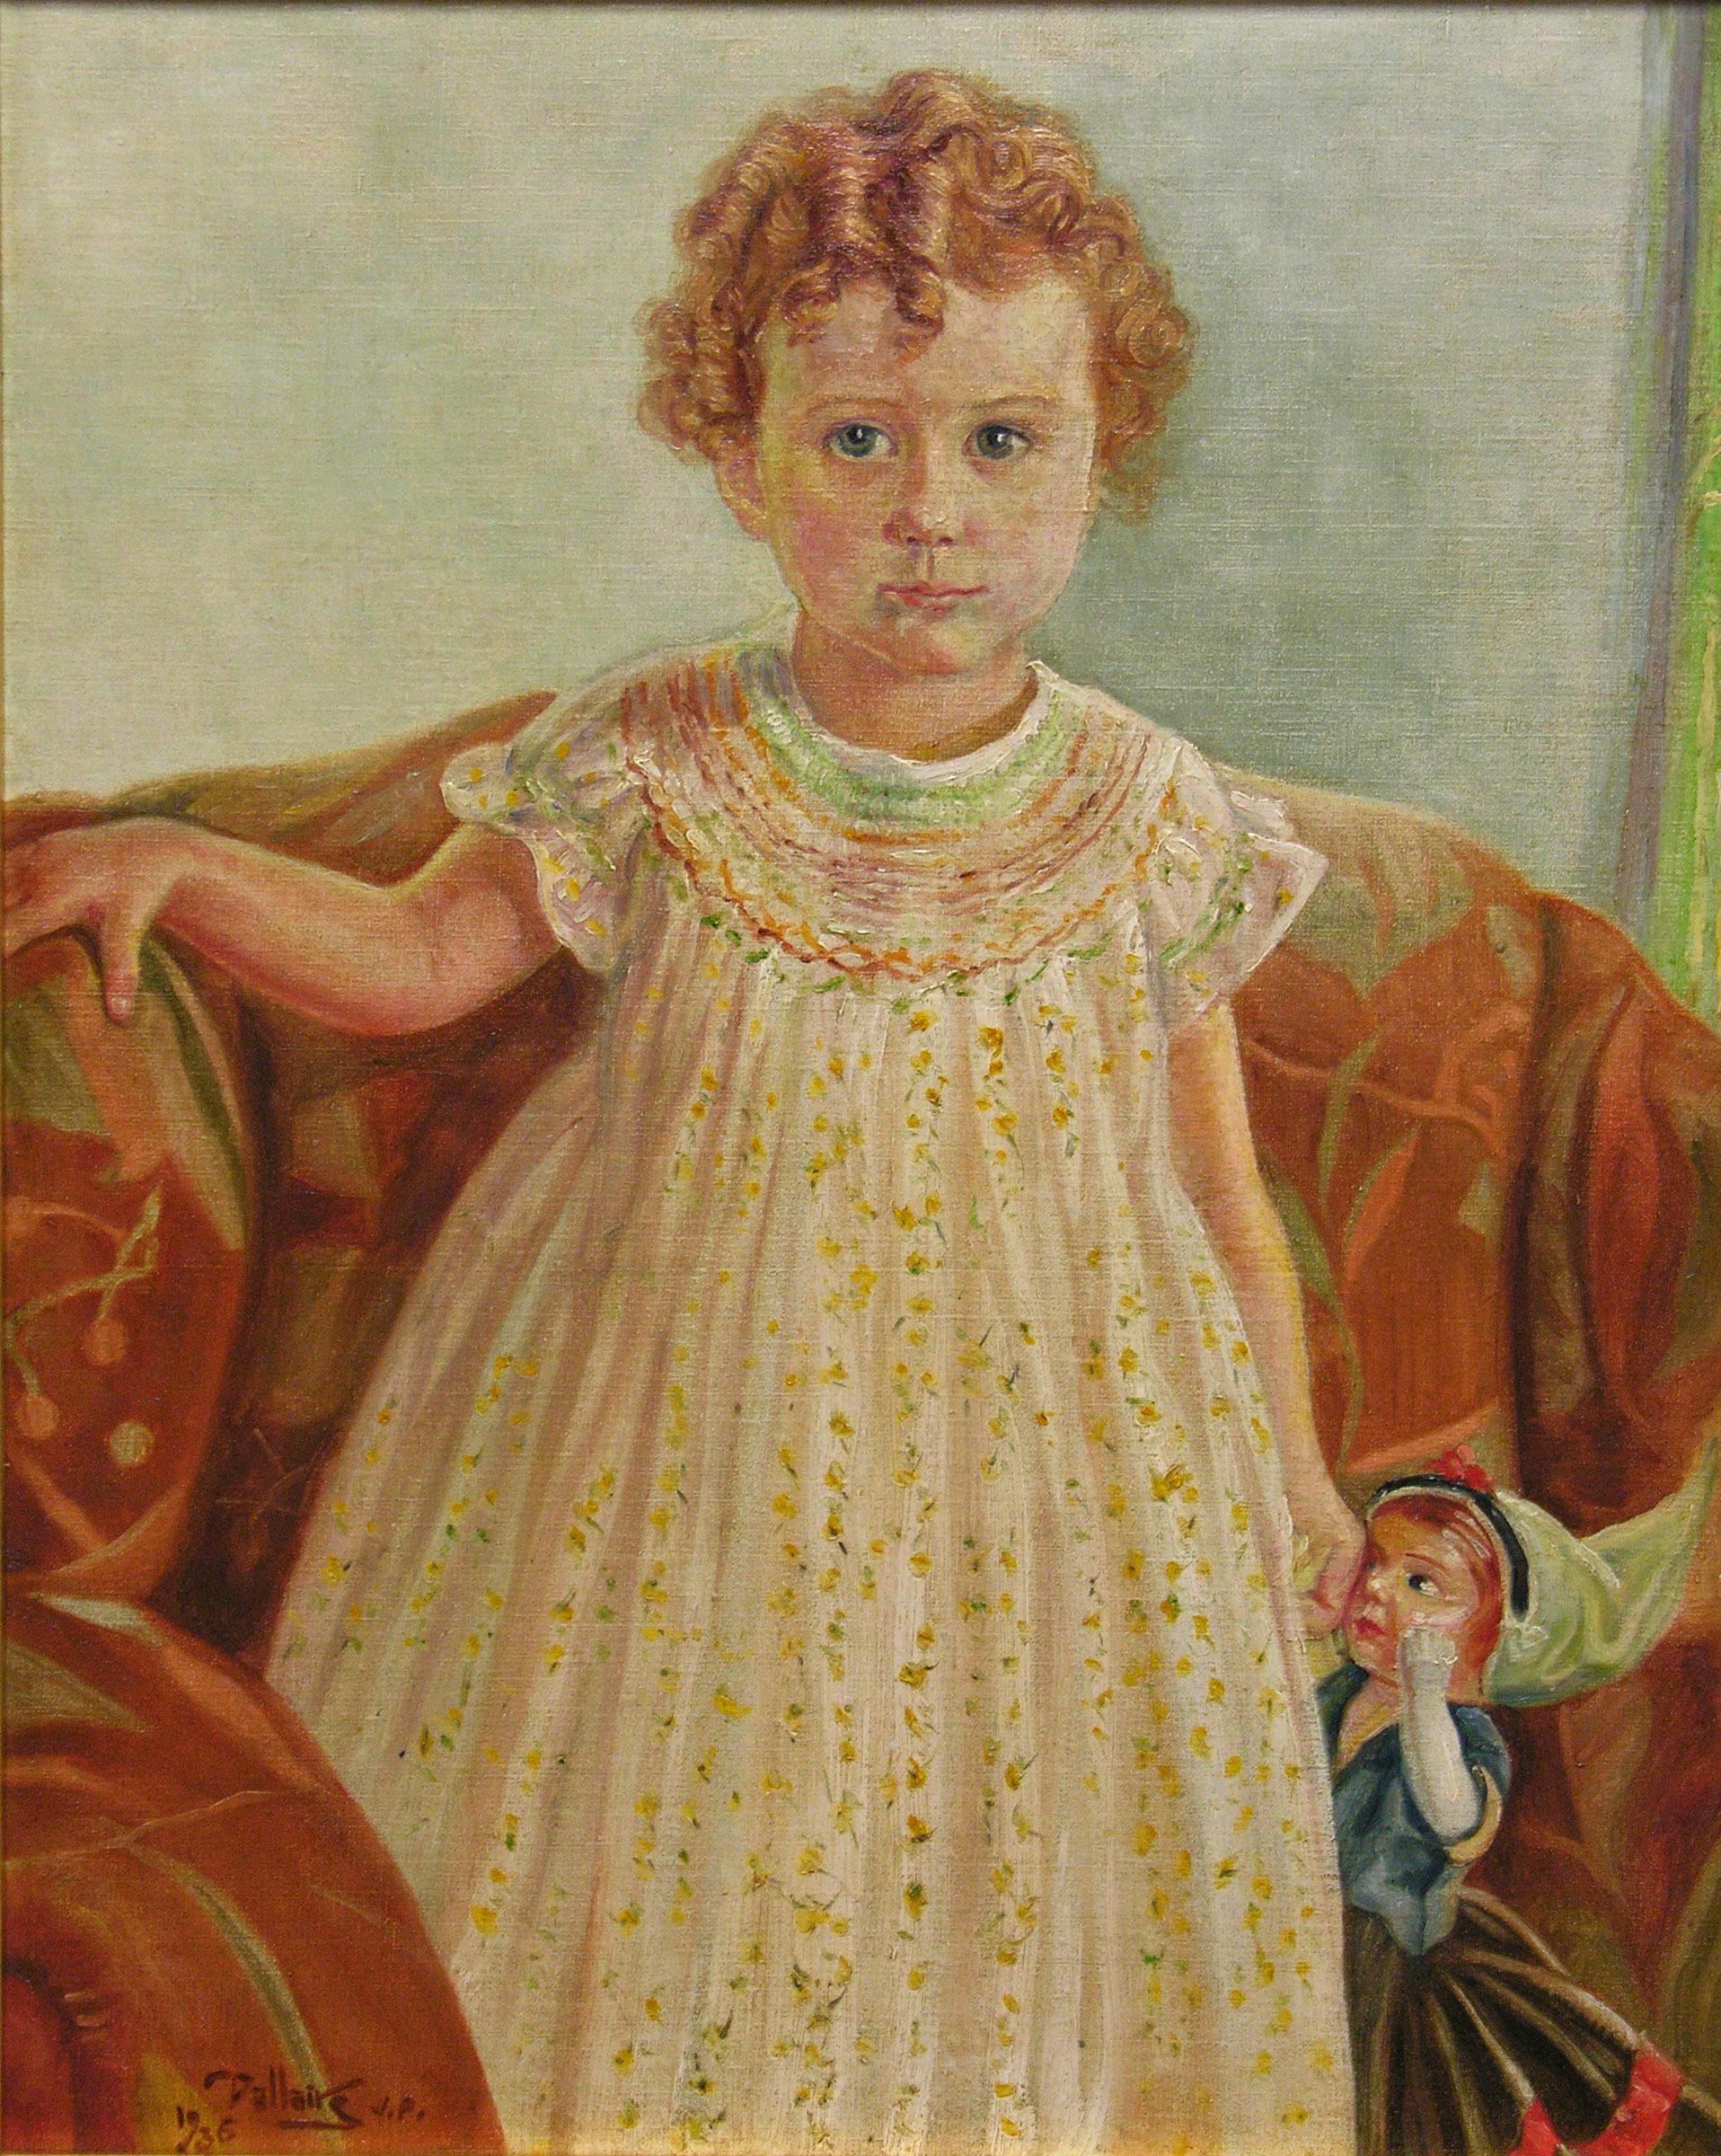 Jean Philippe Dallaire, Adele, 1936